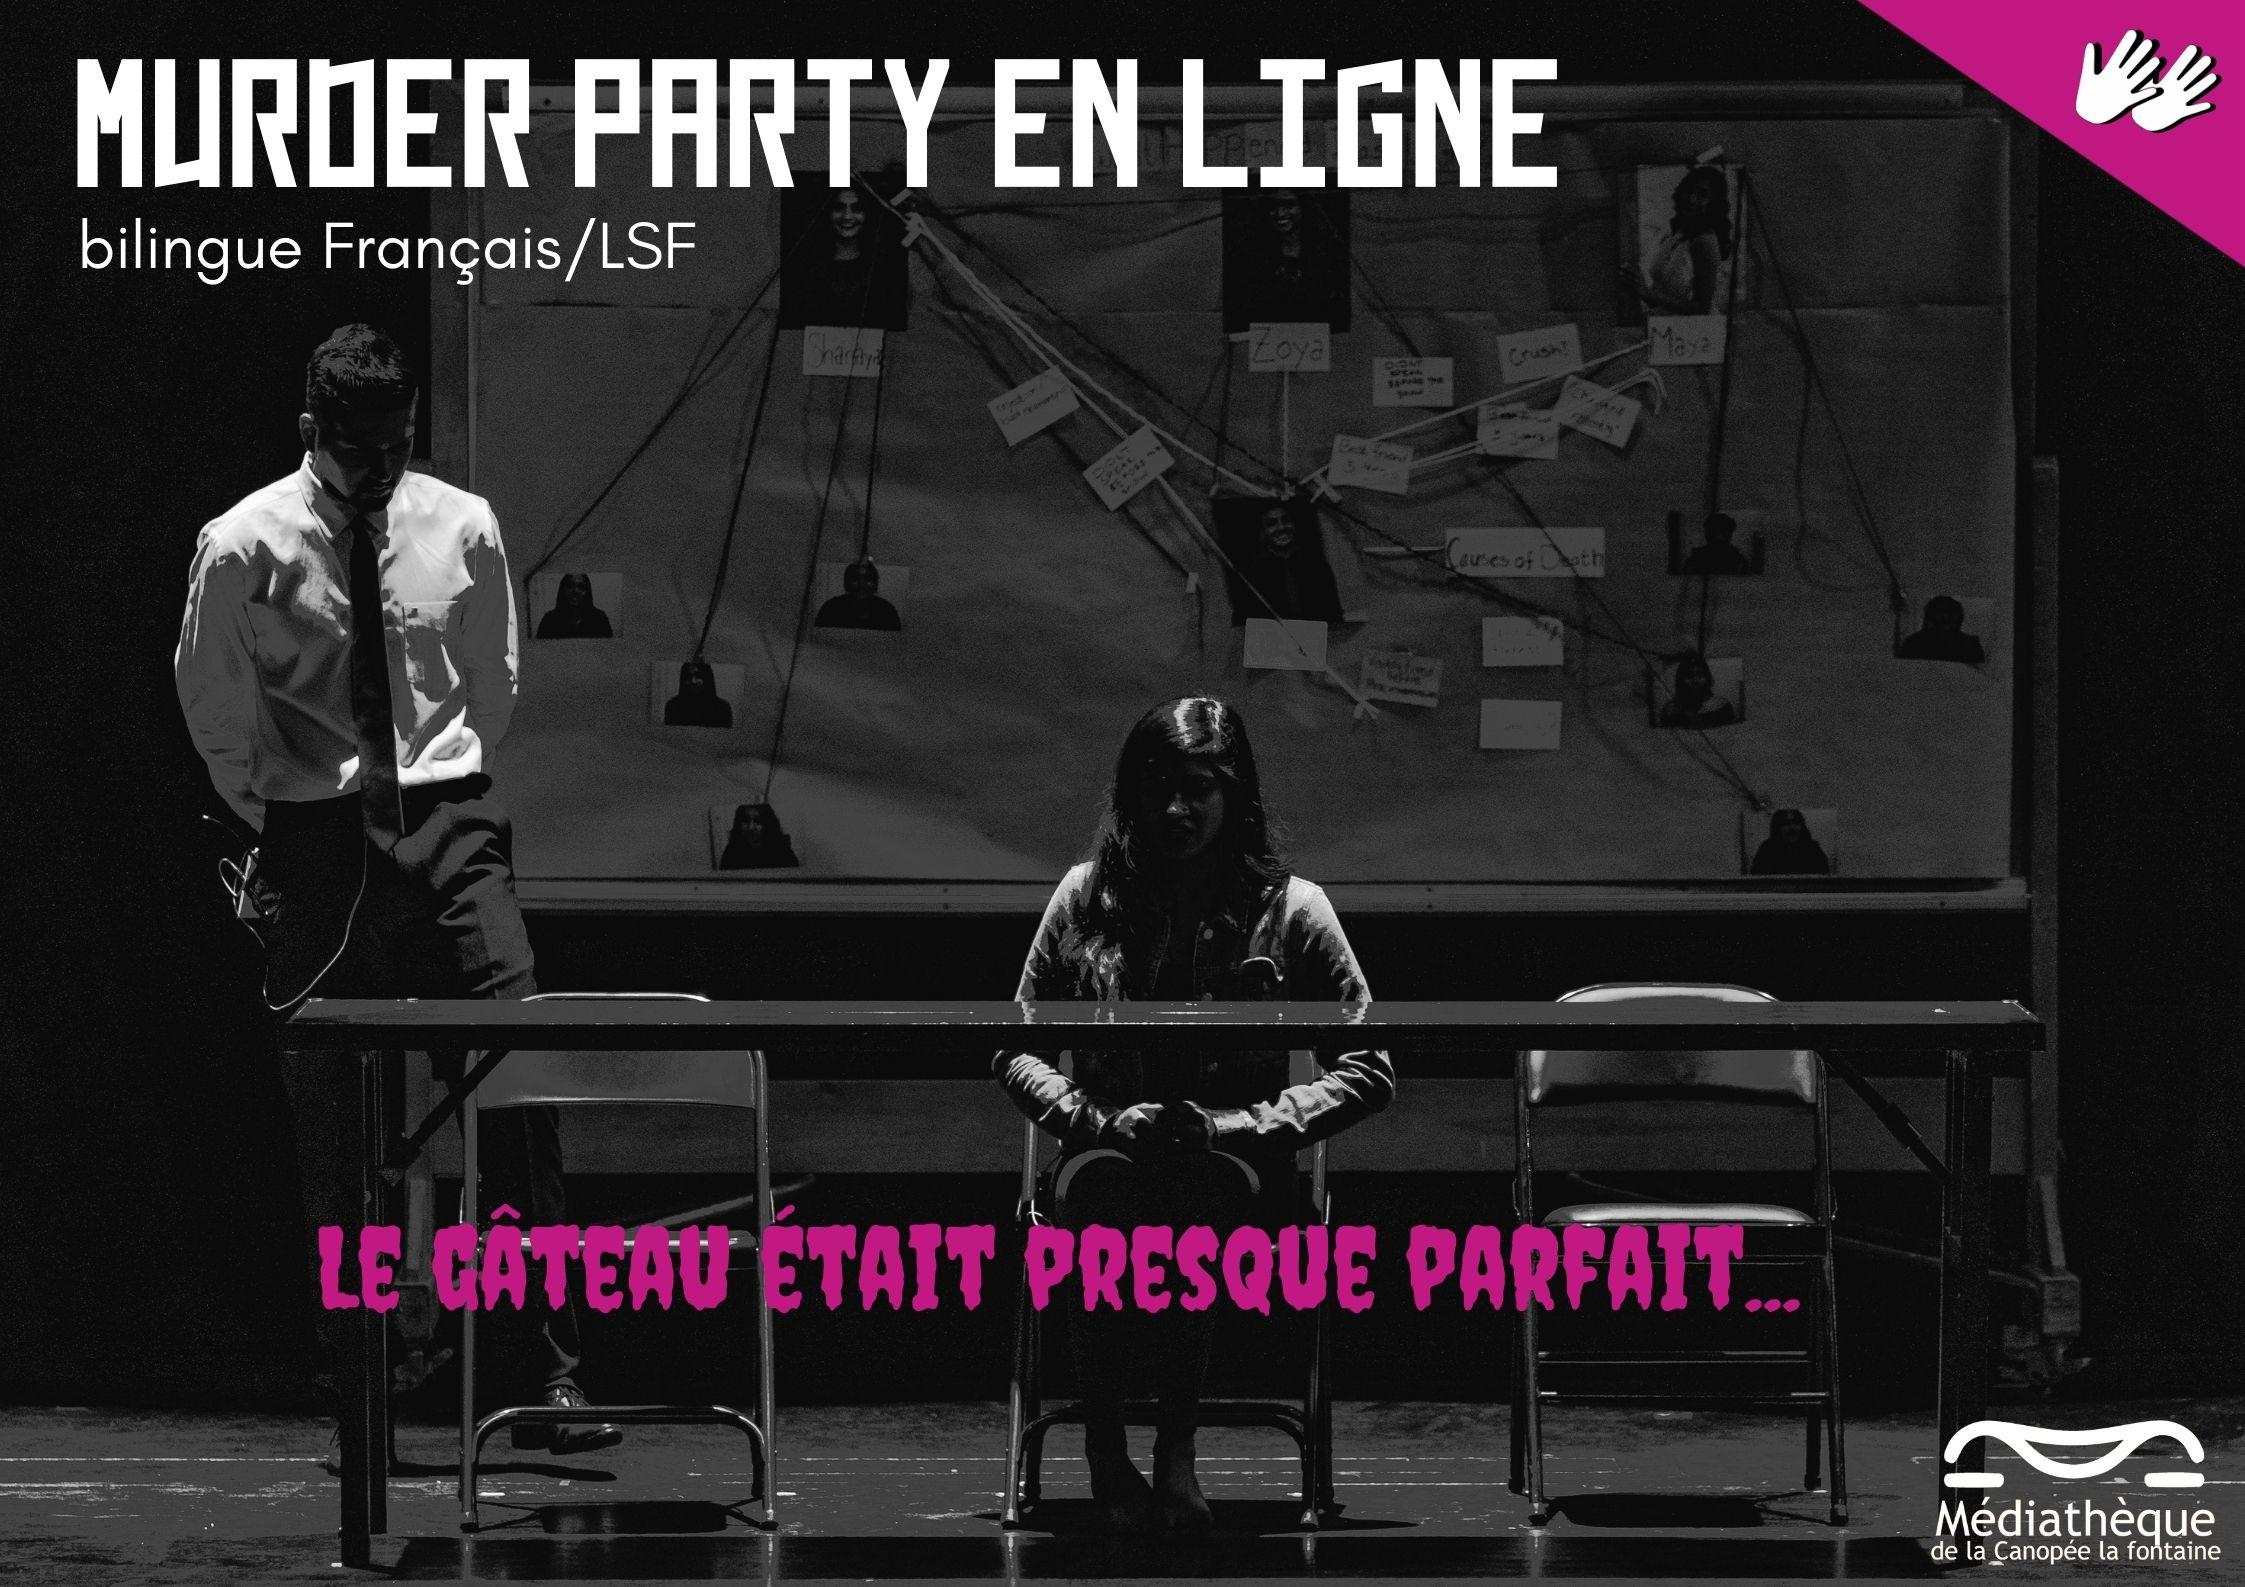 """Murder Party en ligne: """"le gâteau était presque parfait"""" Médiathèque de la Canopée la fontaine Paris"""